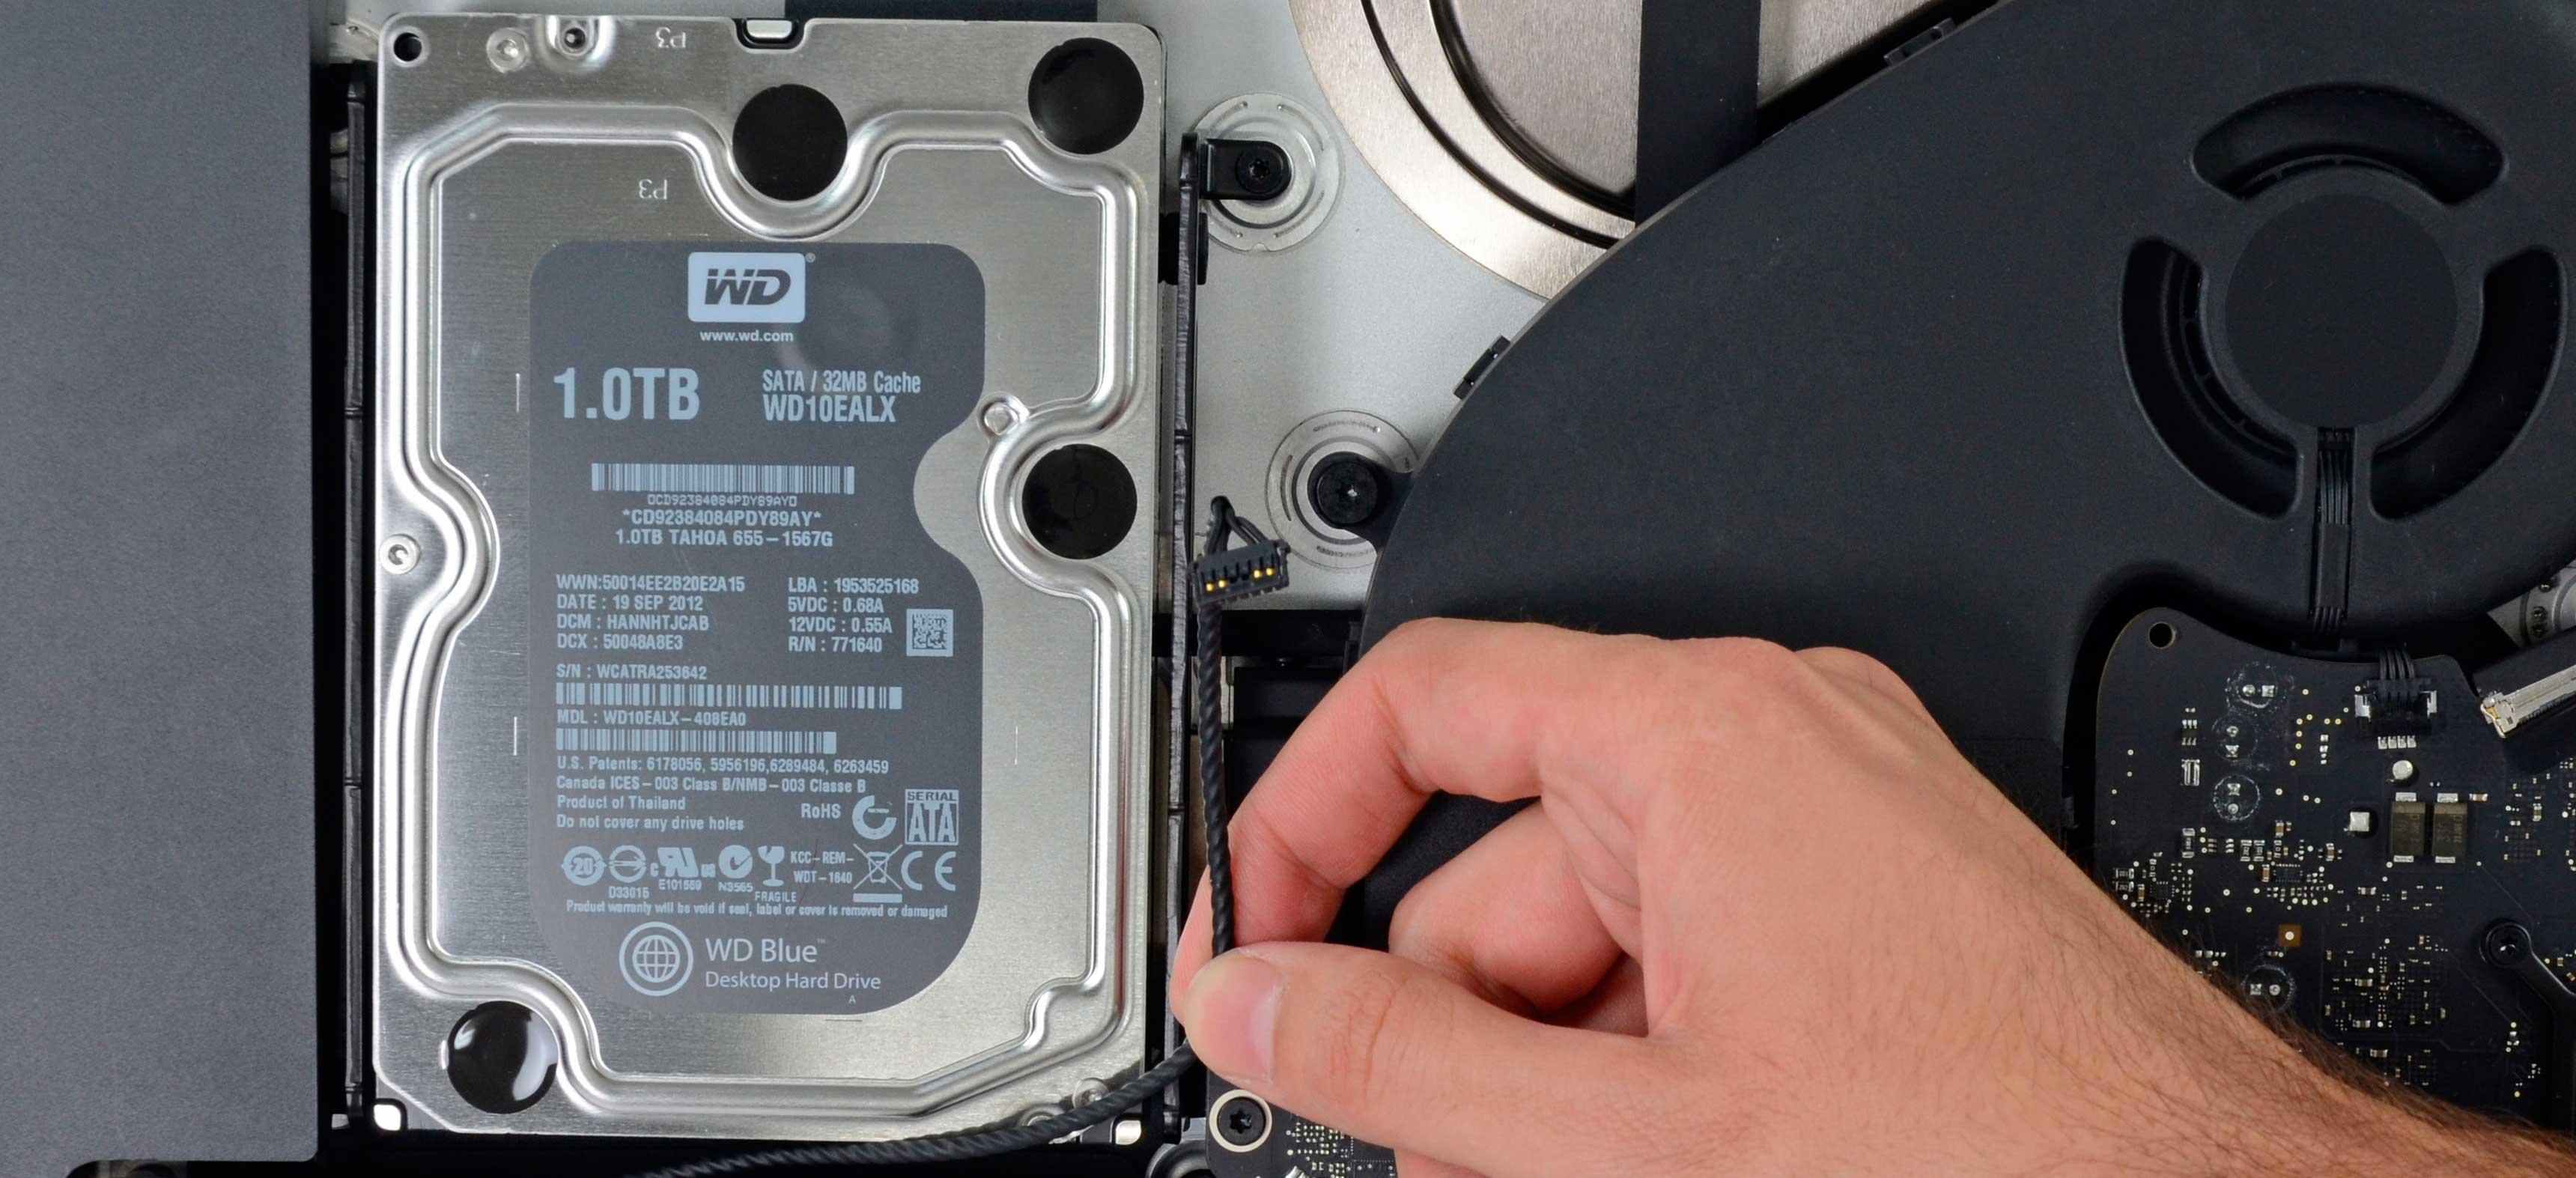 Замена жесткого диска, установка SSD iMac Retina